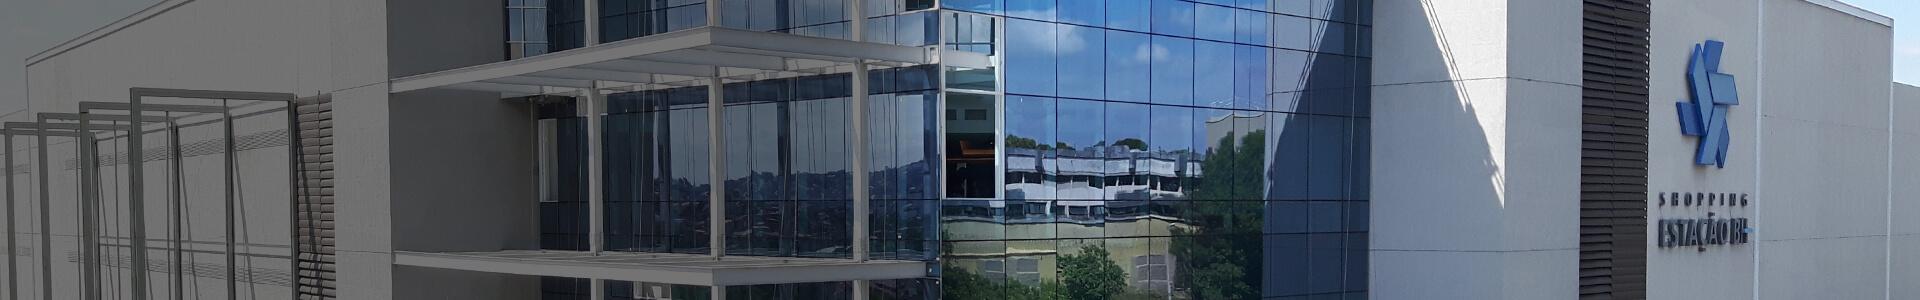 Obra de Fachada da Estrutural Glazing